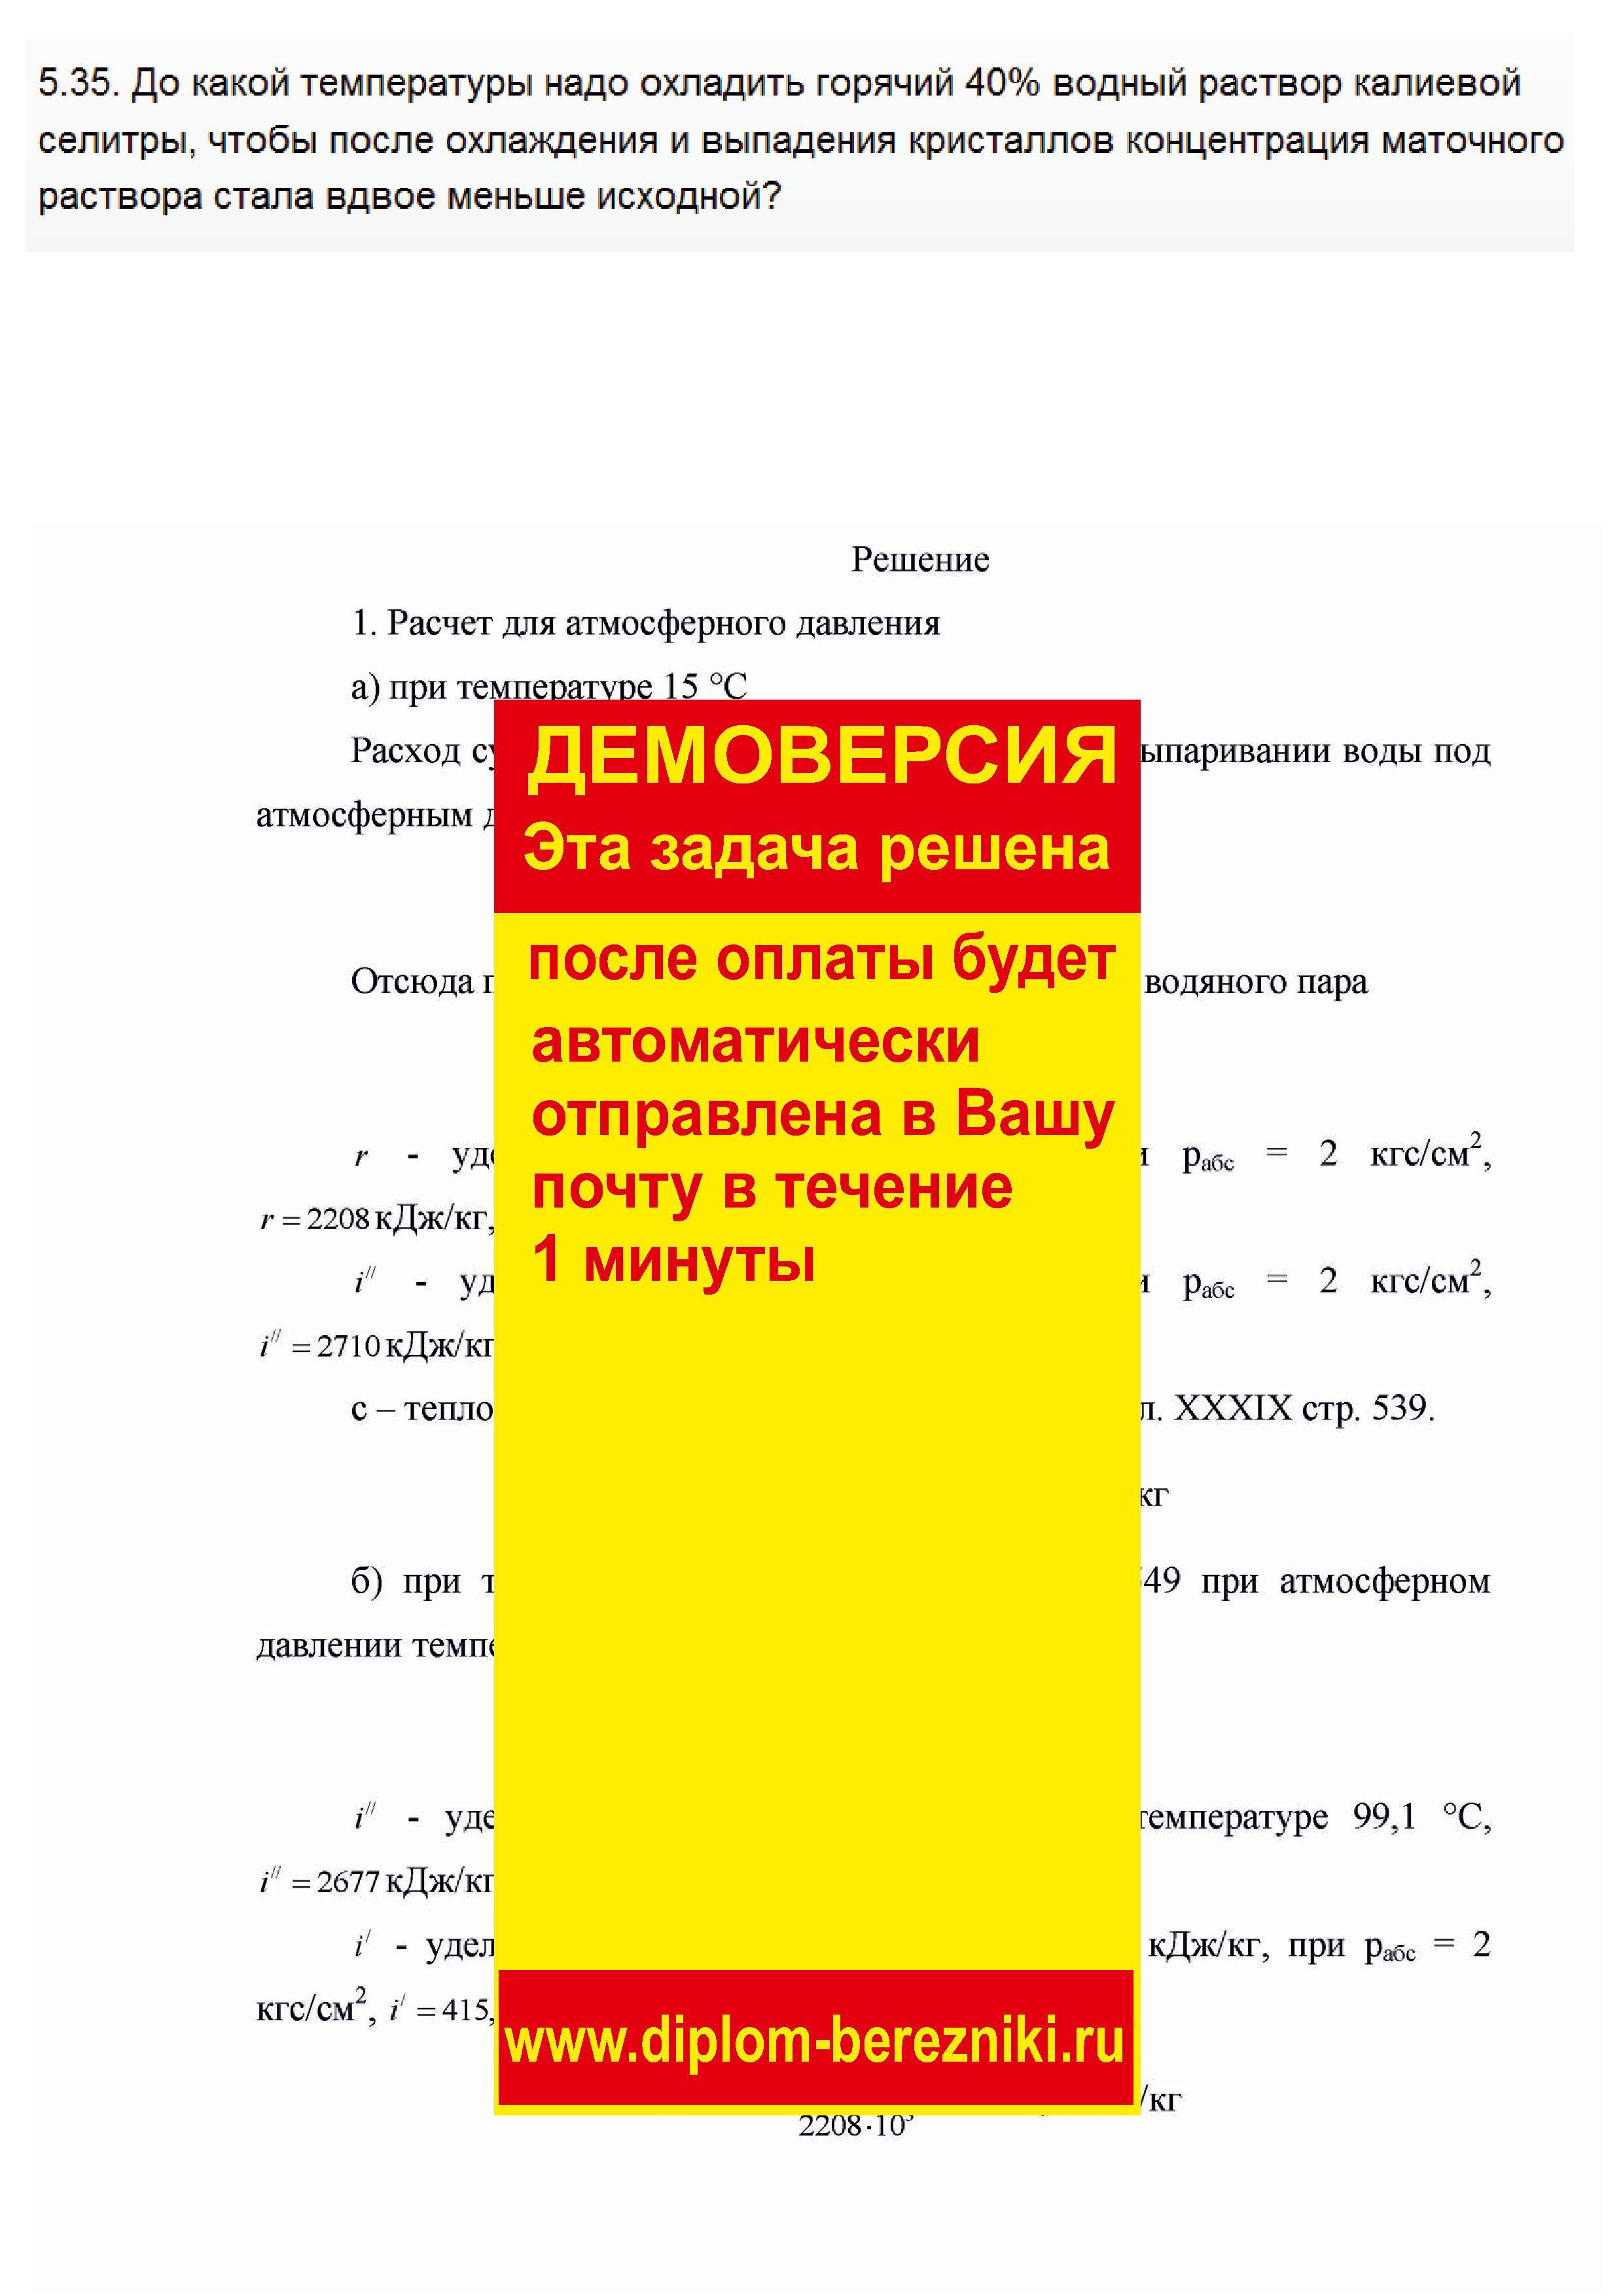 Решение задачи 5.35 по ПАХТ из задачника Павлова Романкова Носкова